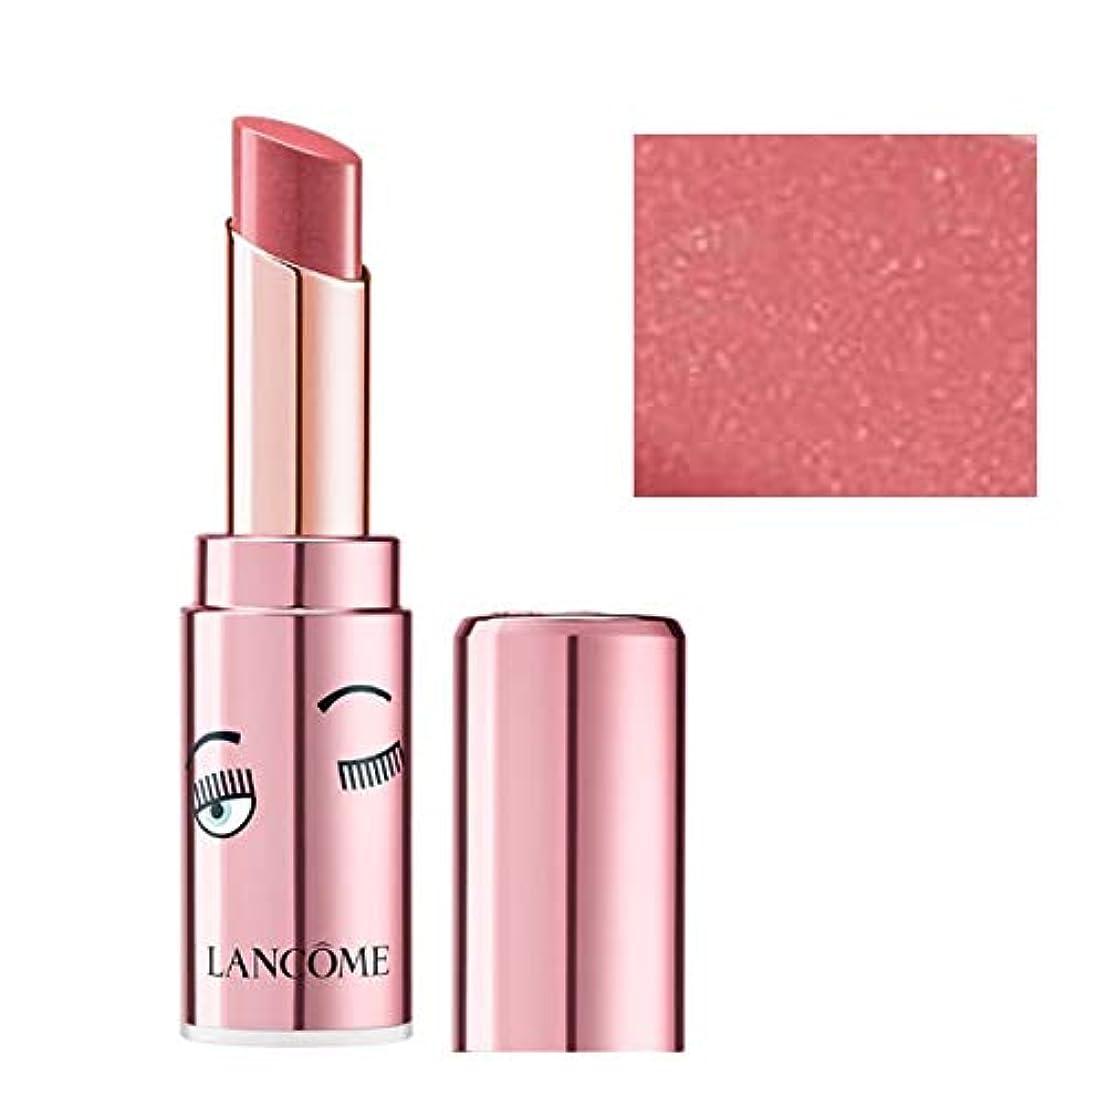 保守的倍率落とし穴ランコム(LANCOME), 限定版 limited-edition, x Chiara Ferragni L'Absolu Mademoiselle Shine Balm Lipstick - Independent...